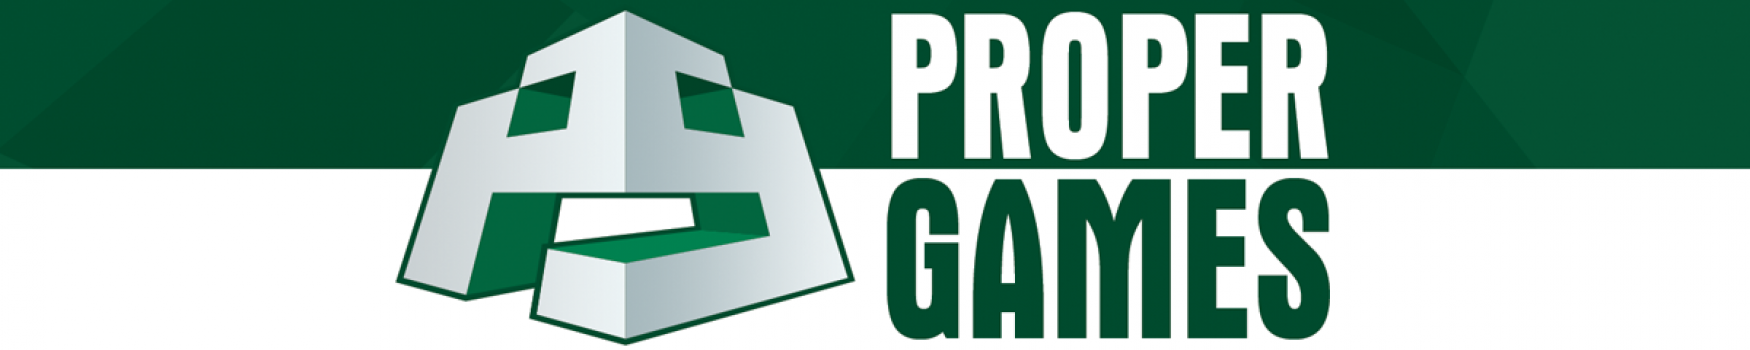 Proper Games